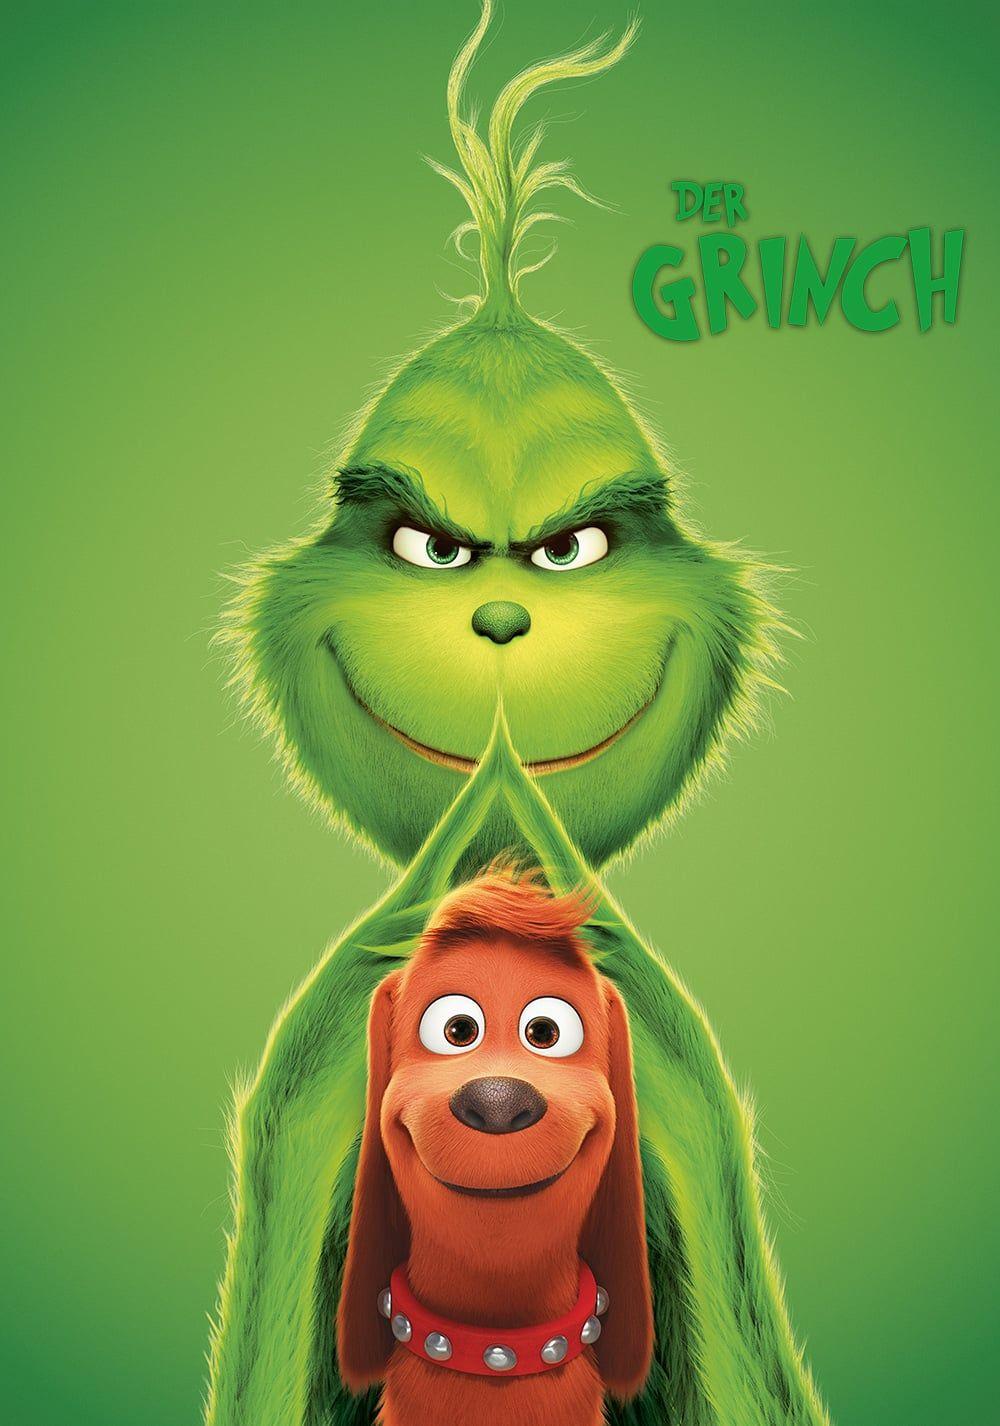 Le Grinch 2018 Streaming : grinch, streaming, Grinch, Completo, Italiano